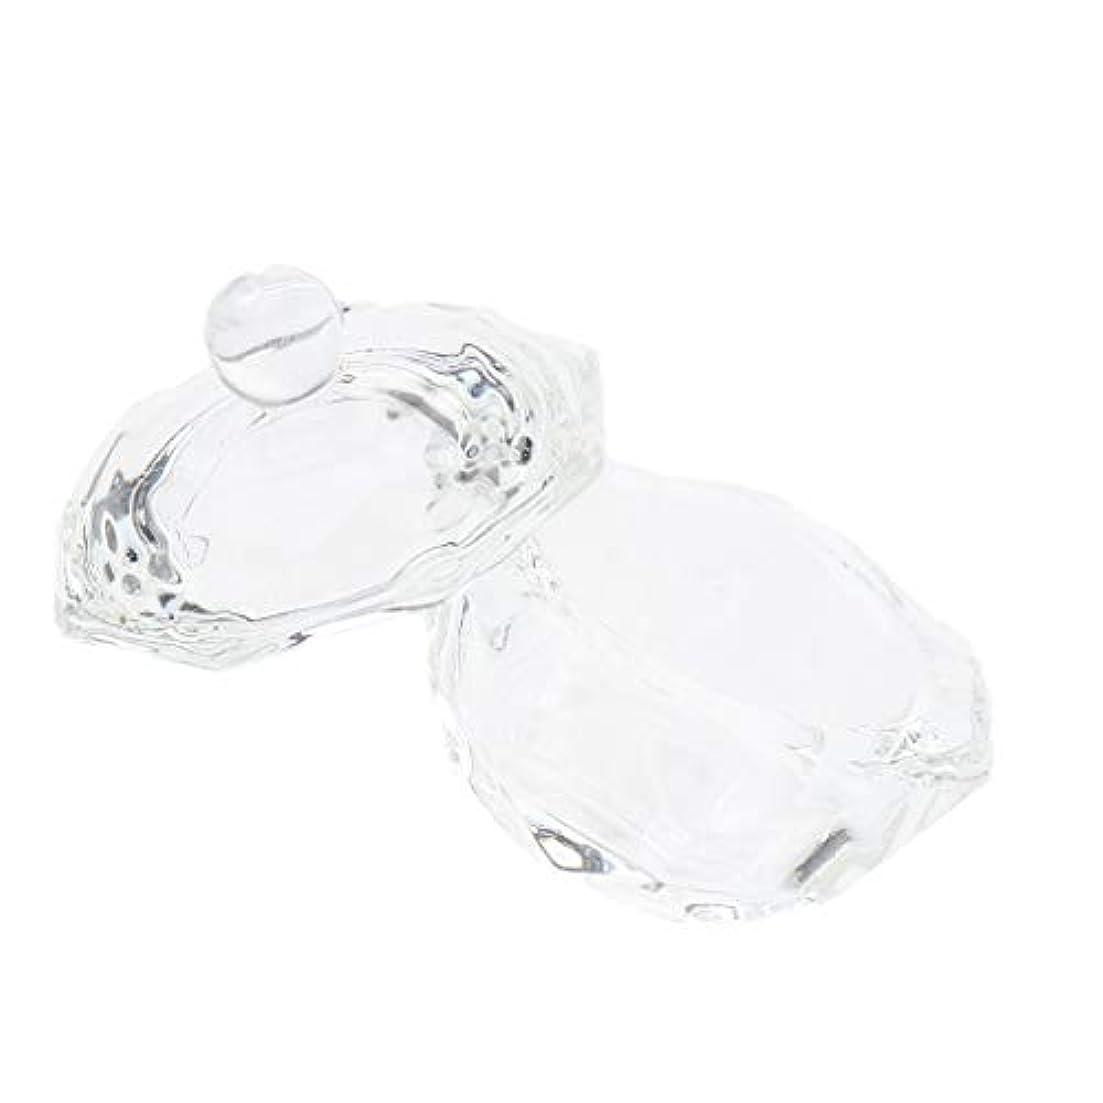 アクセント貢献タンザニアDYNWAVE ネイルガラス皿 ネイルアートクリスタルカップ グラスカップ ミキシングカップ ネイルアート用品ツール